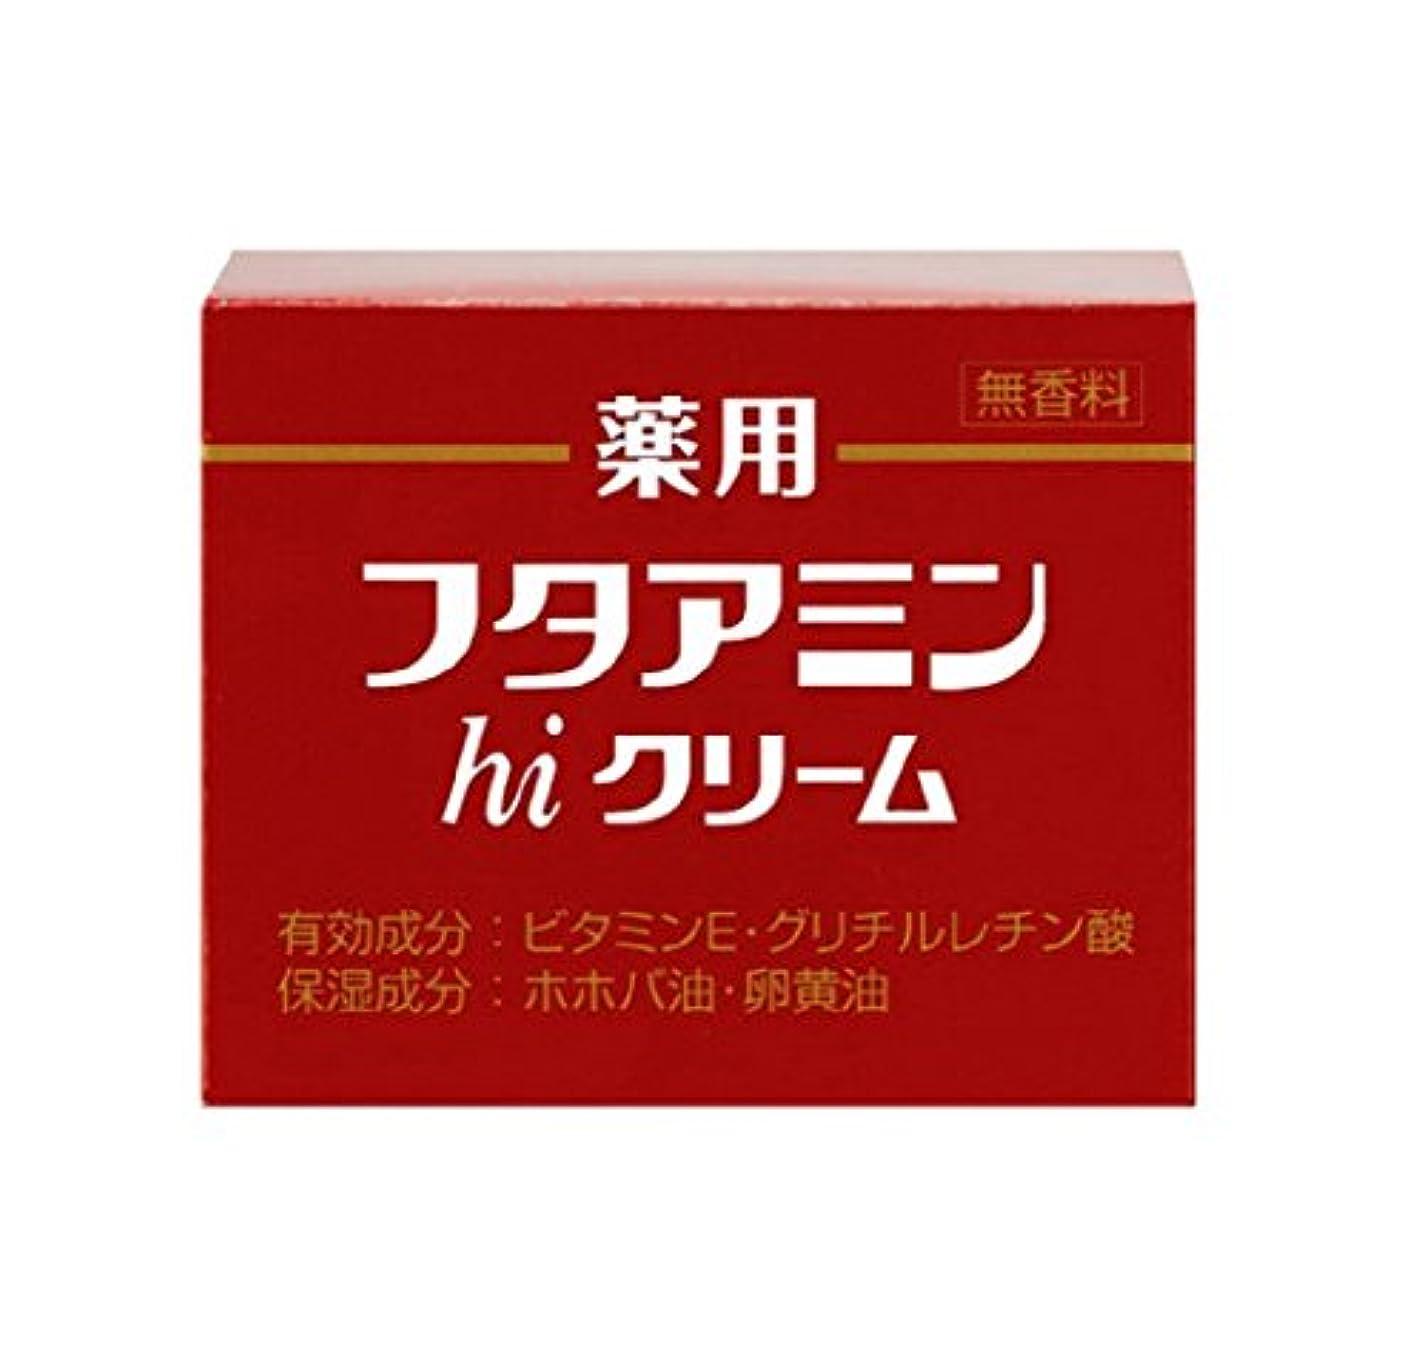 人道的情熱的部薬用フタアミンhiクリーム 130g